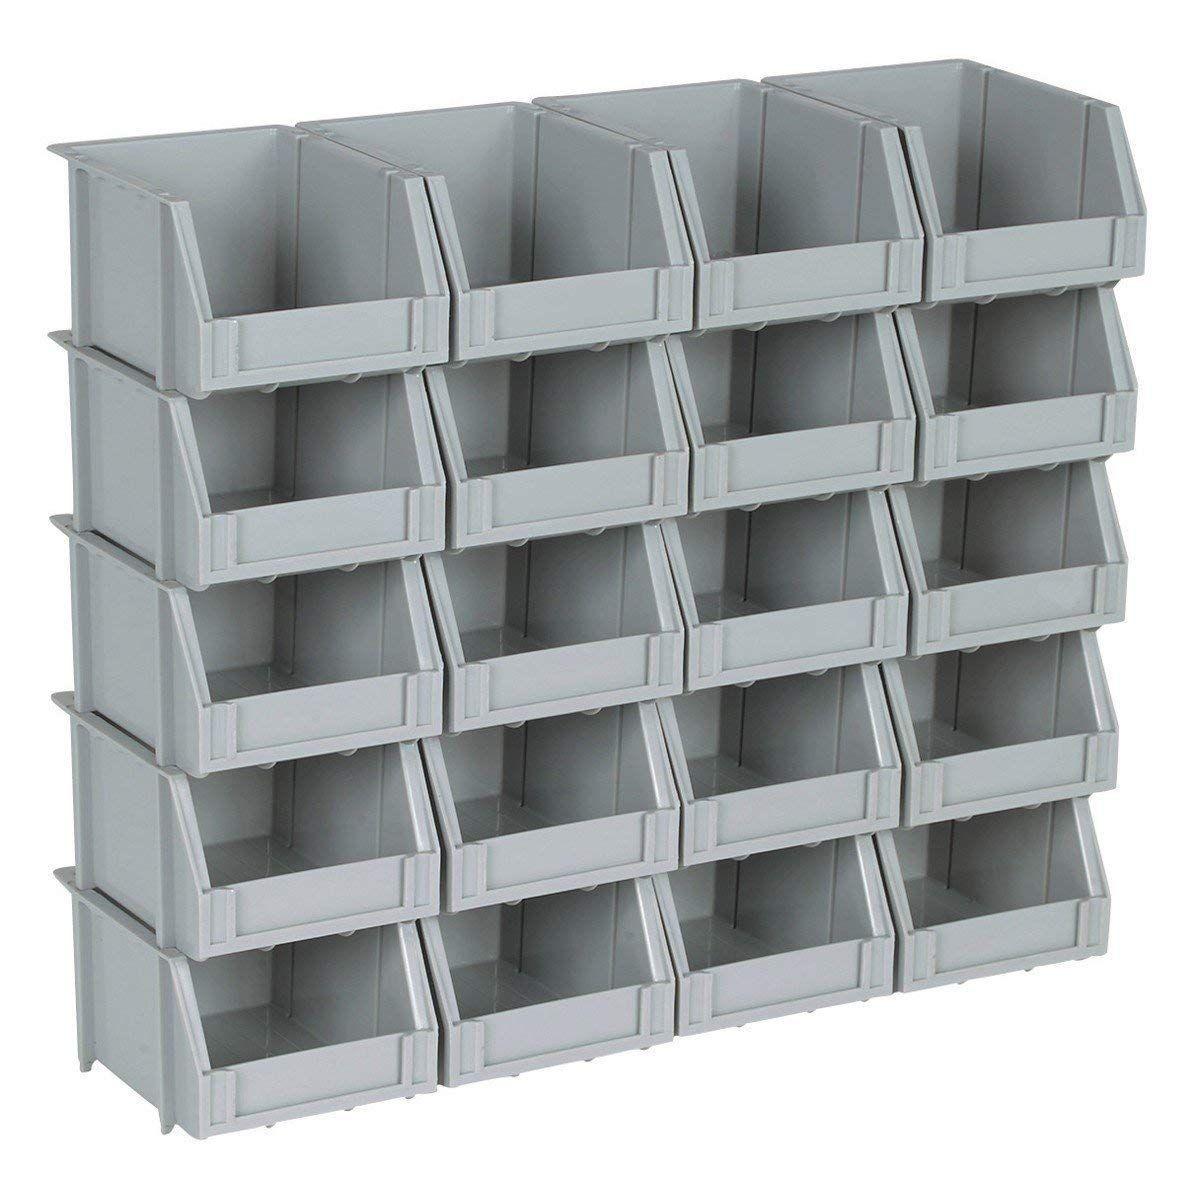 Mic4hft Poly Bins Storage System Amazon In Home Kitchen Stackable Storage Bins Storage Bins Storage Bin Racks